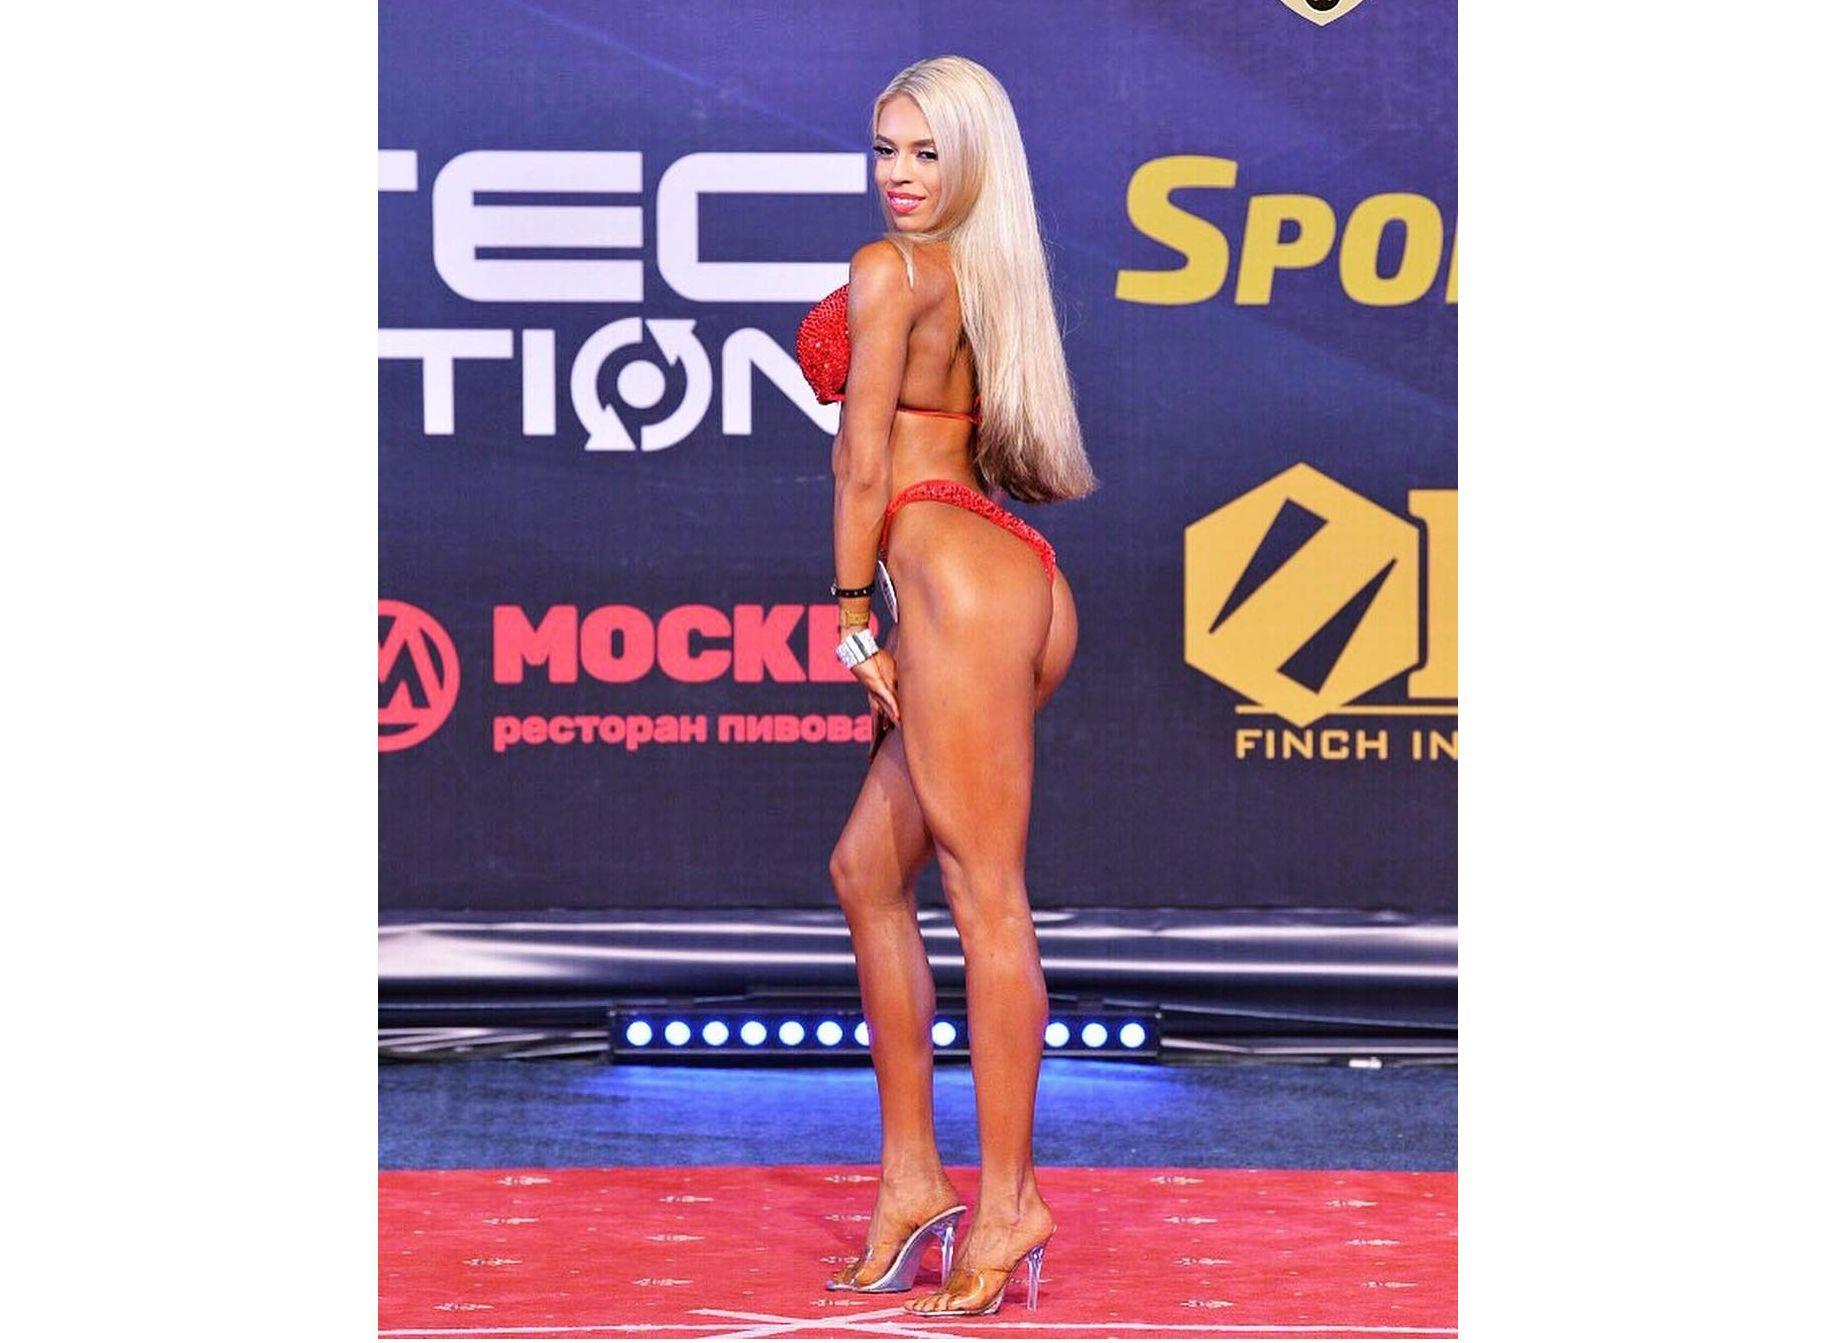 Ярославская бодибилдерша-юрист стала чемпионкой Европы